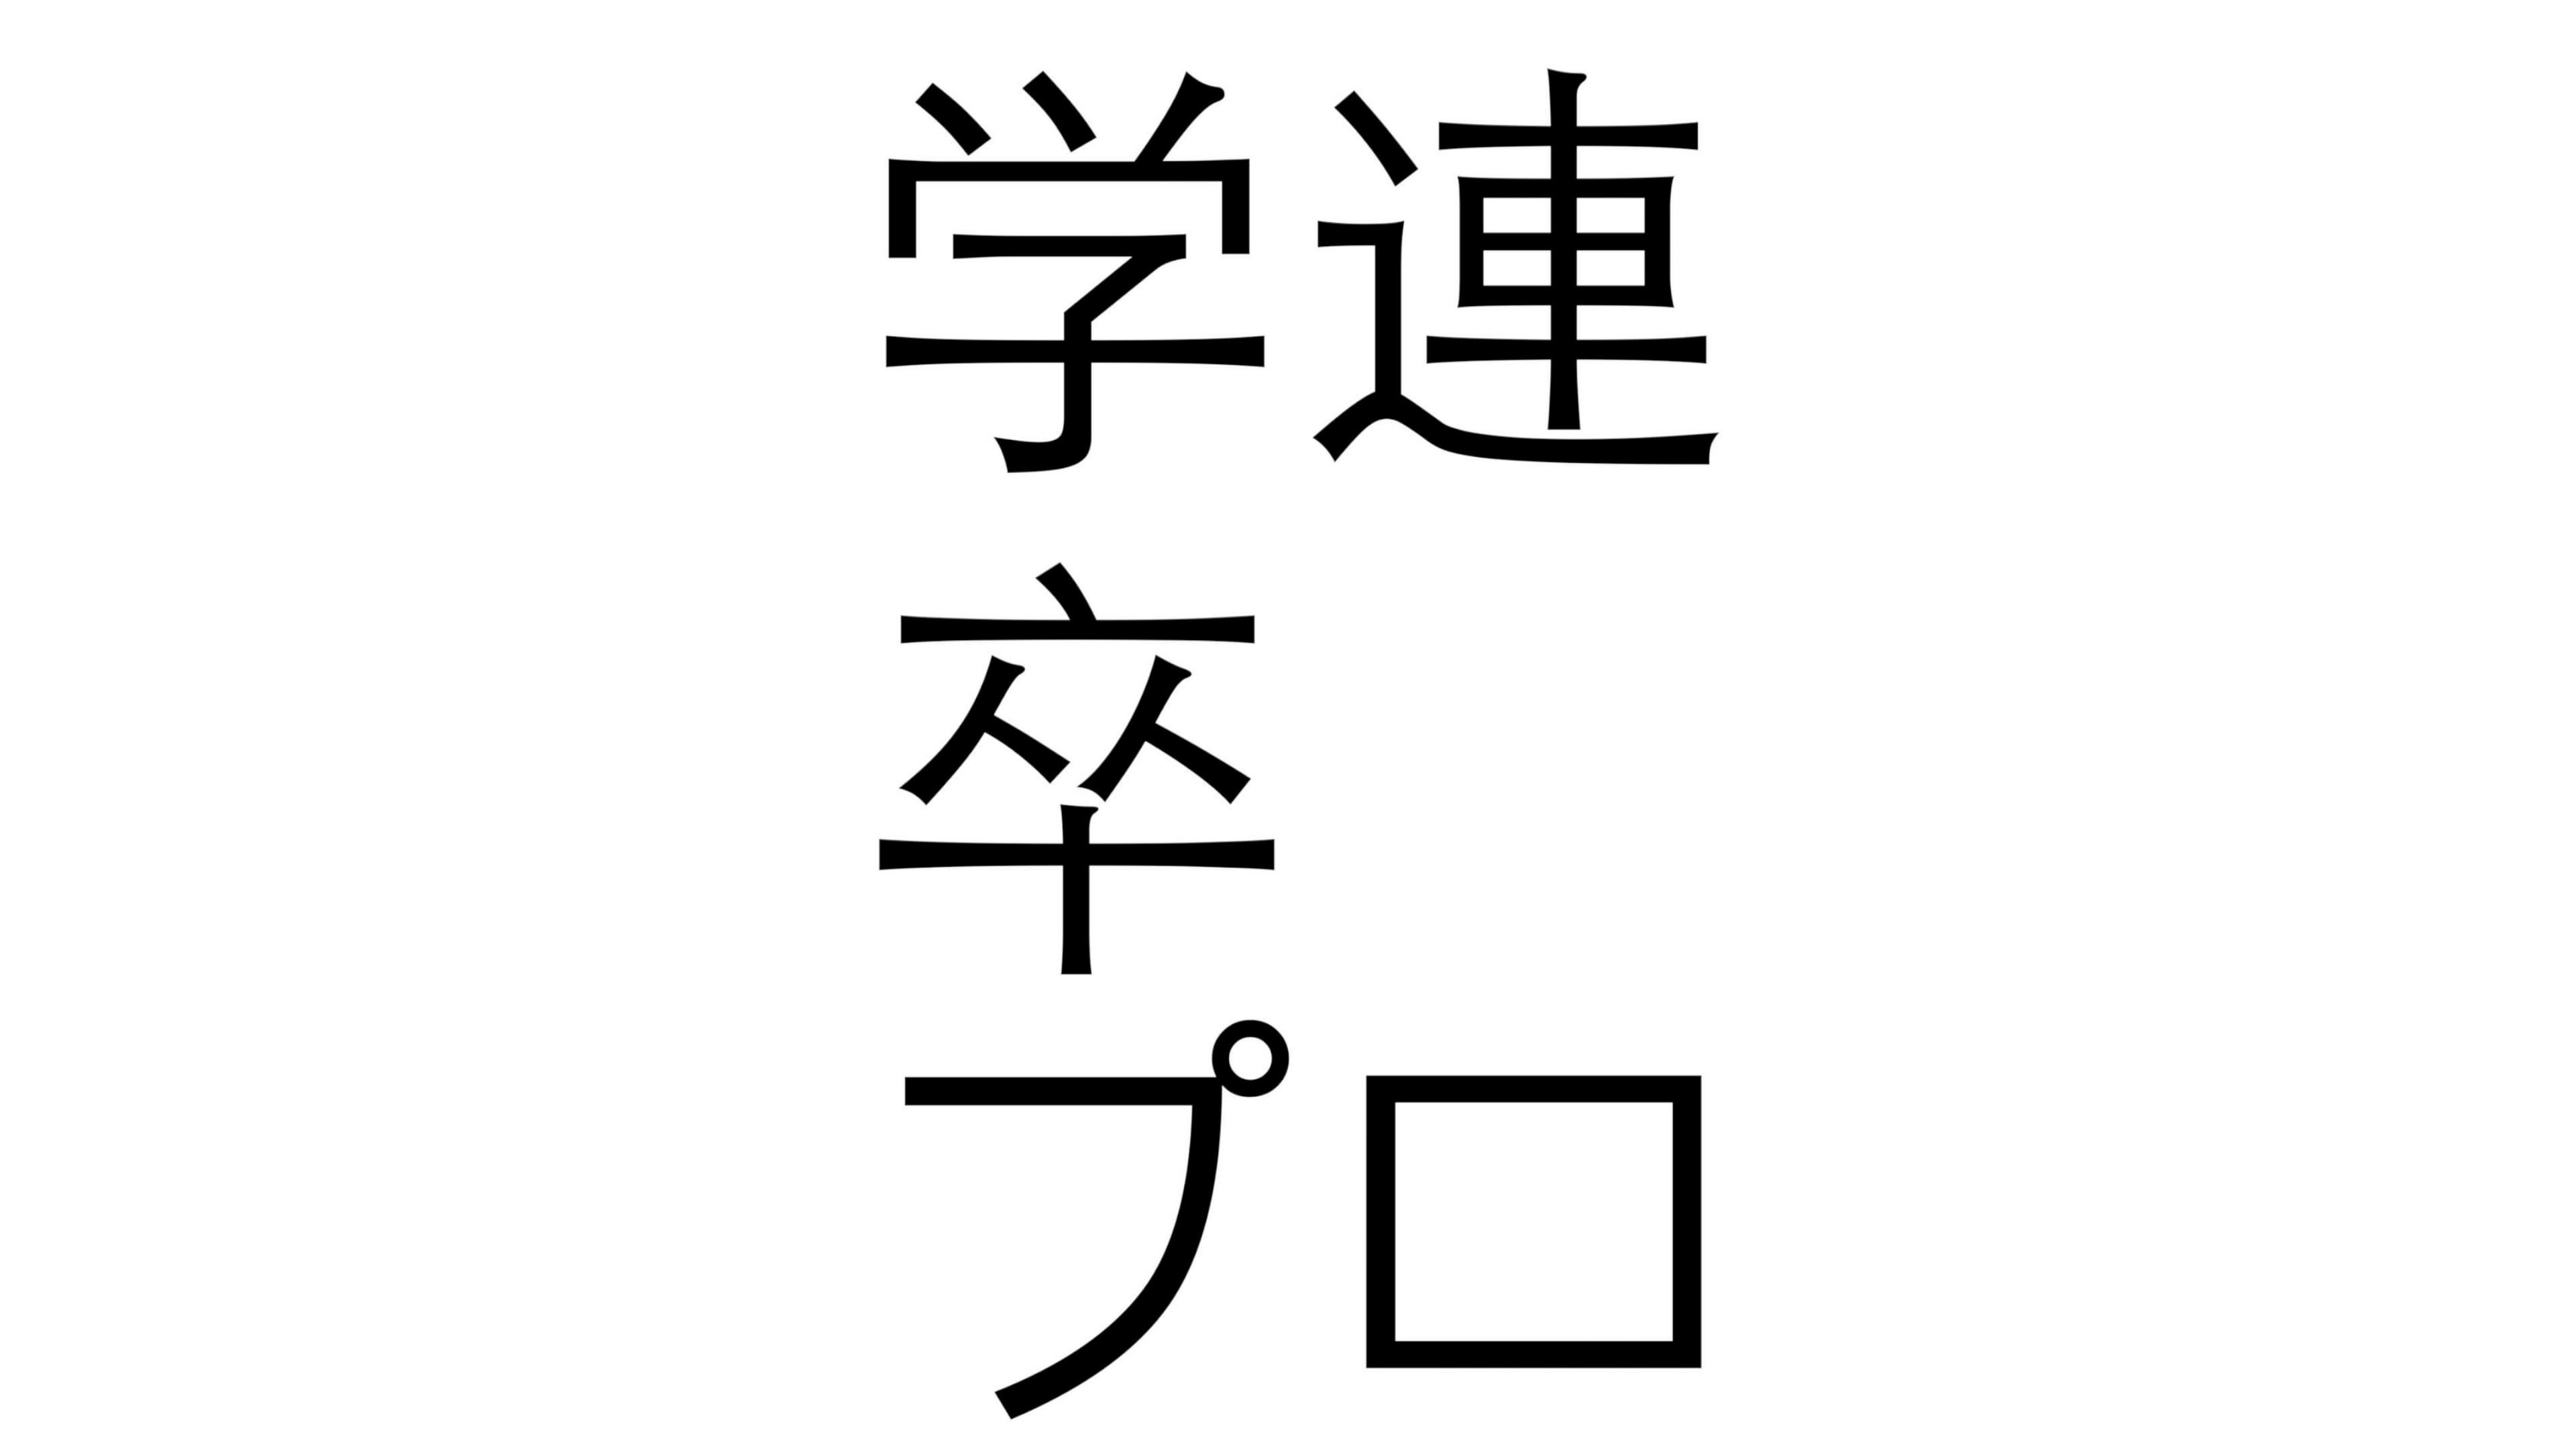 JSAFじぇいさふ